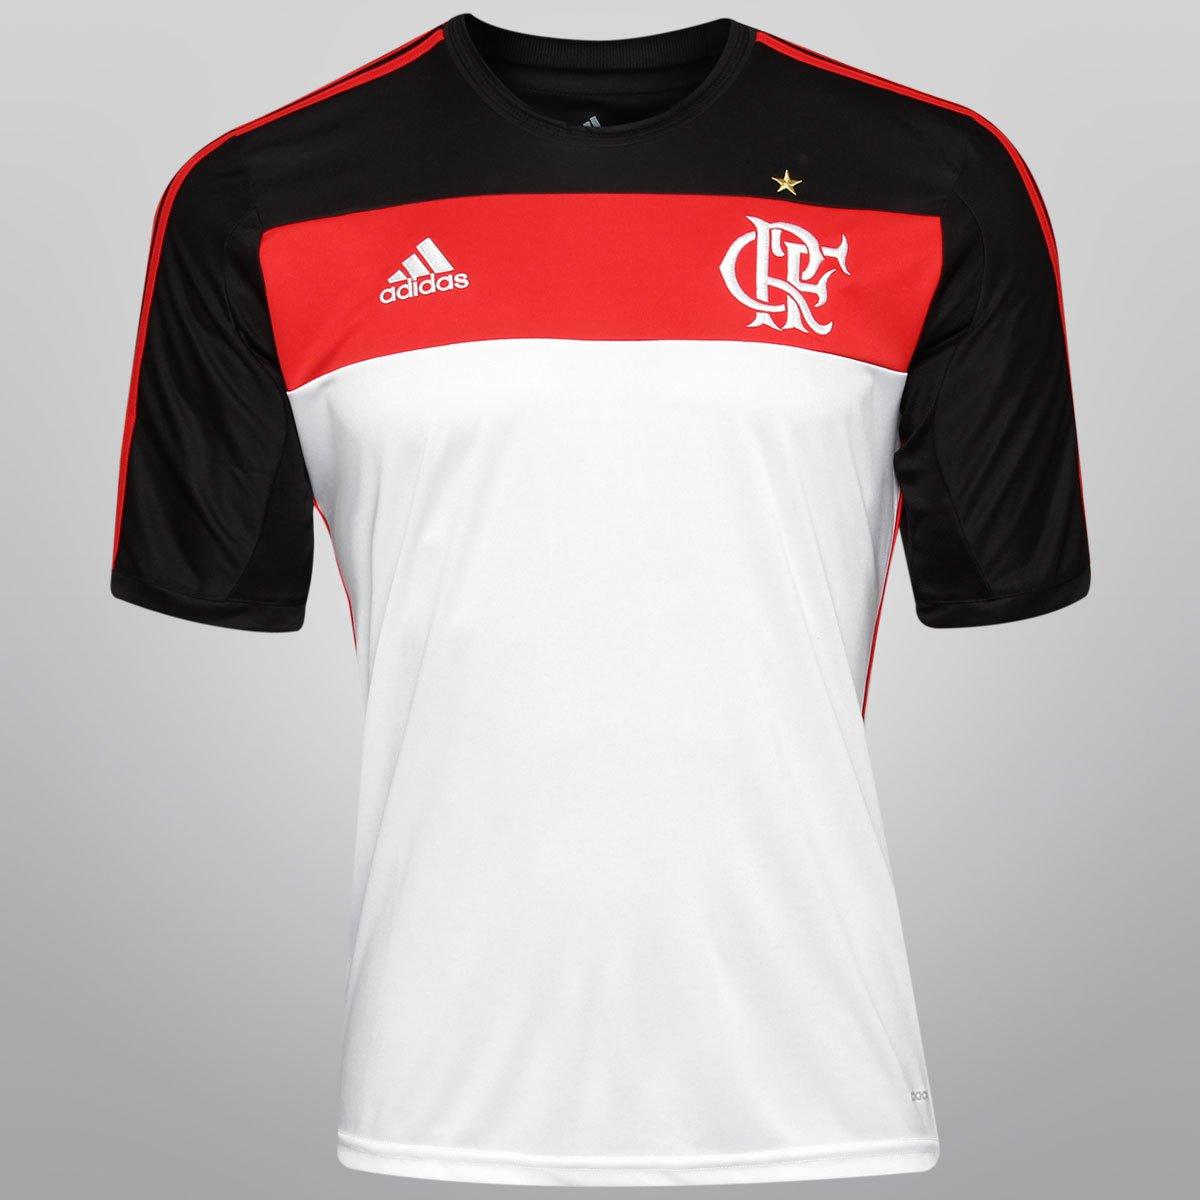 Camisa Adidas Flamengo II 13 14 s nº - Compre Agora  2052541739422